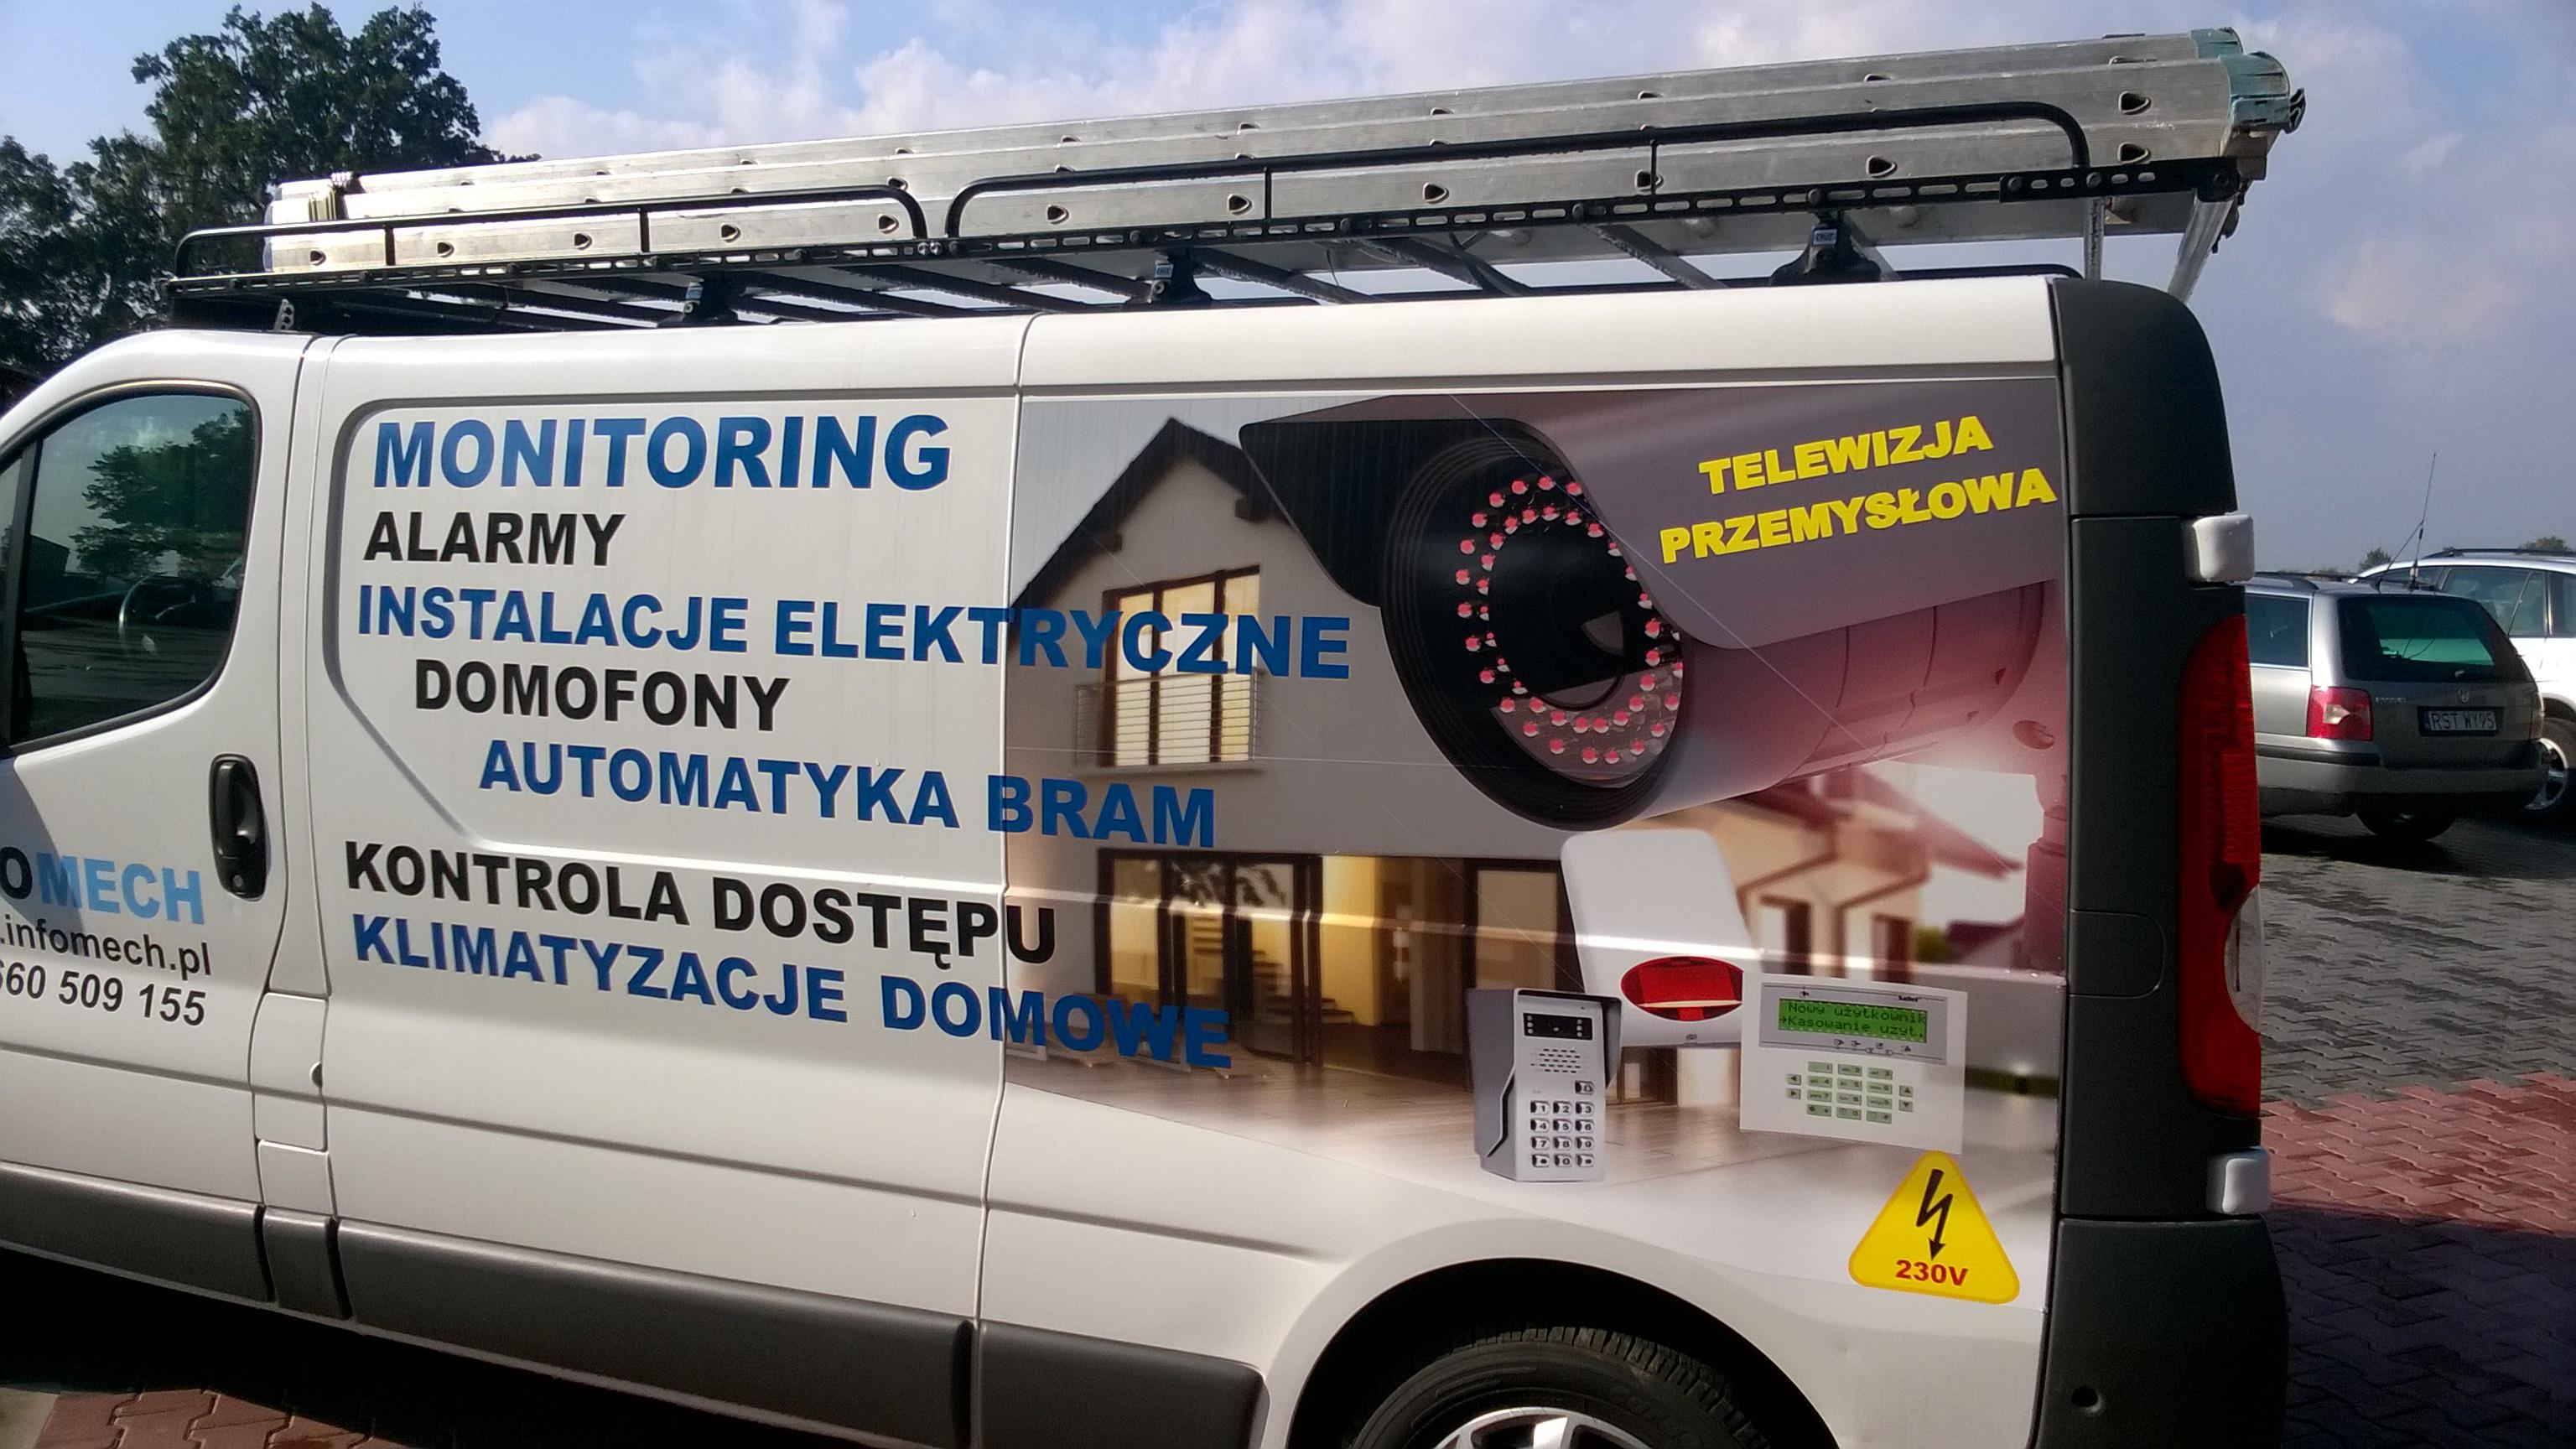 bus-techniczny-infomech-instalacje-elektryczne-i-teletechniczne-stalowa-wola-monitoring-bilgoraj-monitoring-zamosc-monitoring-stalowa-wola-infomech-mielec-alarmy-4